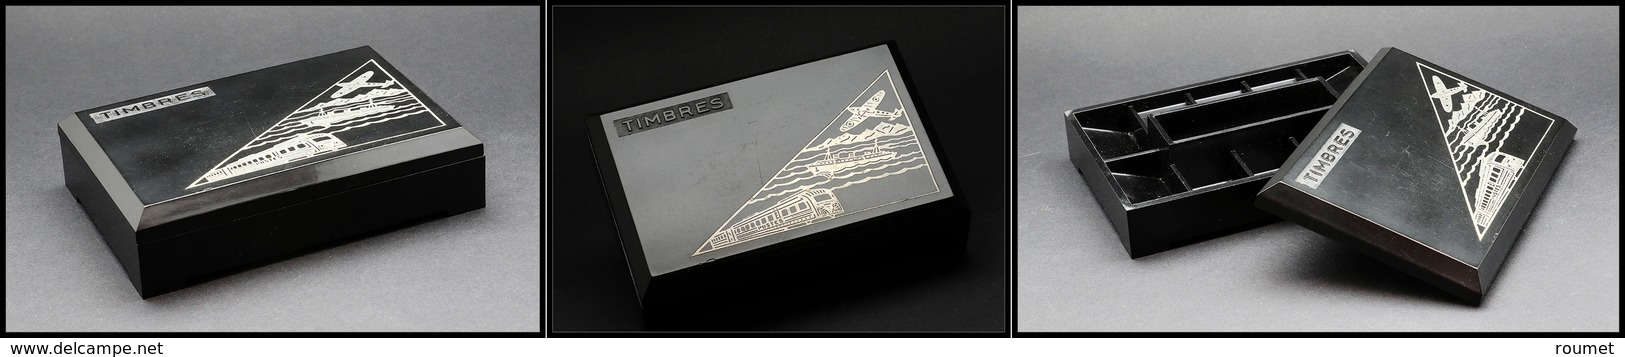 """Boîte Publicitaire En Bakelite, """"Laboratoire Du Dr Zizine"""", Couvercle Marqué """"Timbres"""" Avec Avion, Bateau Et Train, 10 C - Boites A Timbres"""